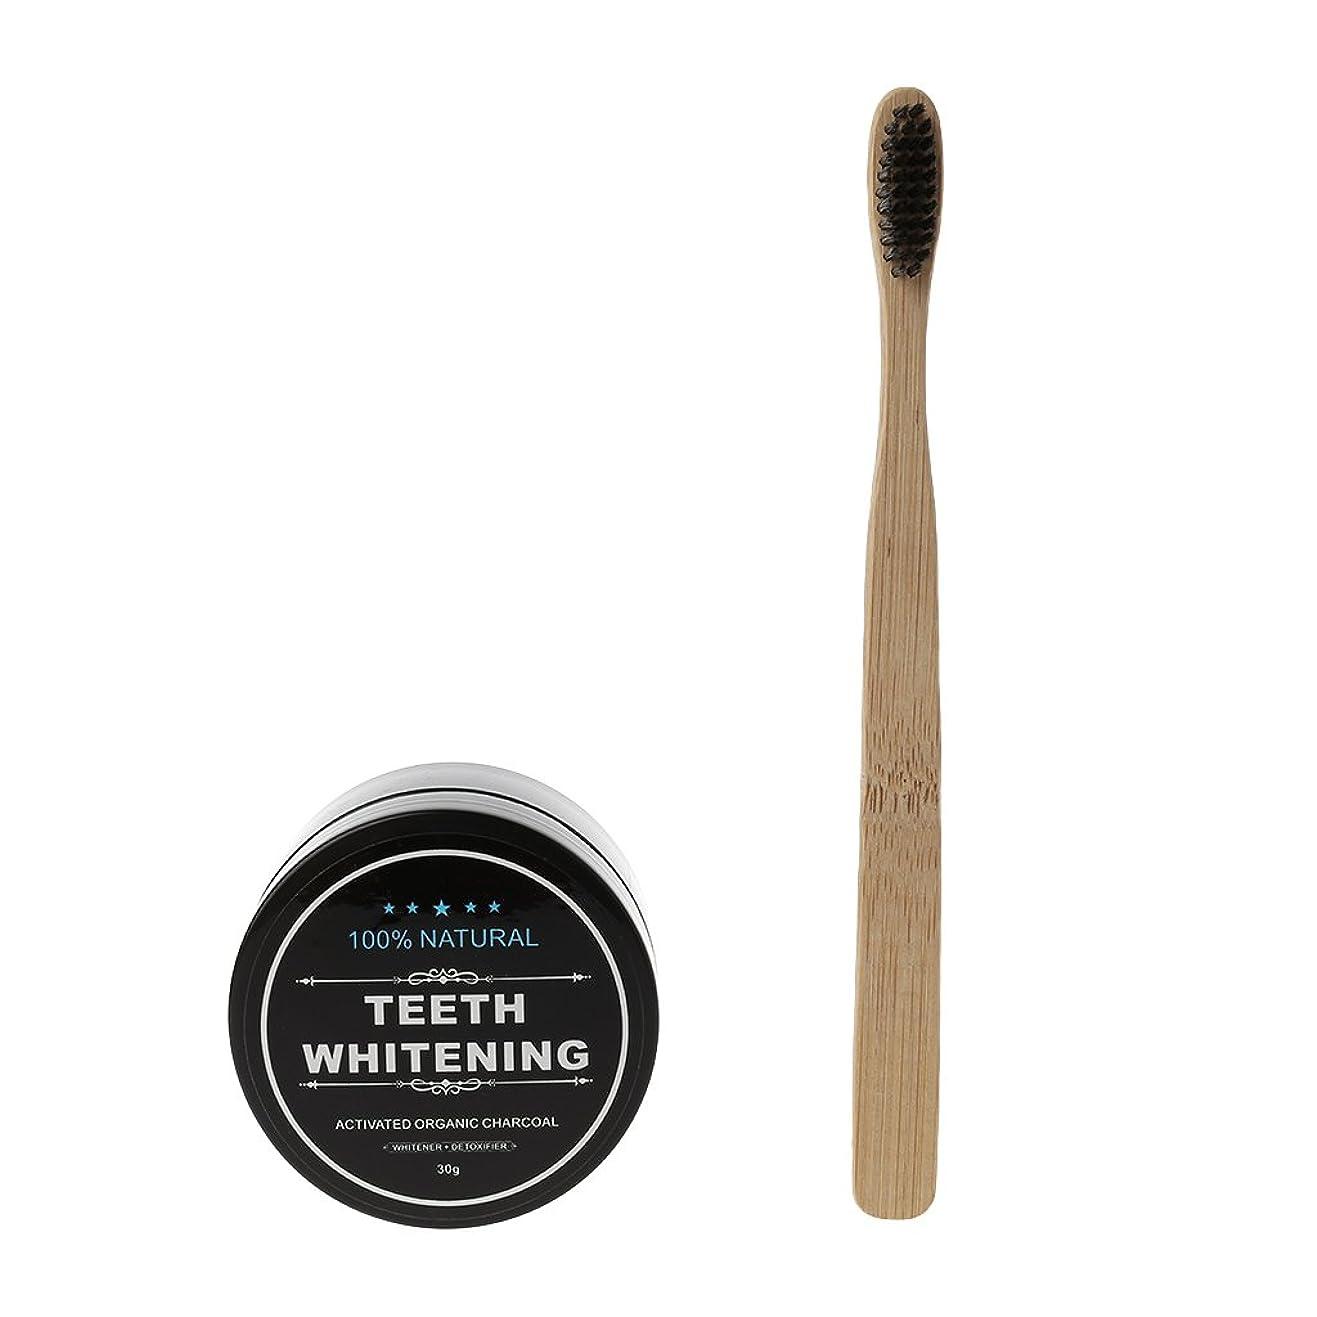 祭り推進力モーターJAGETRADEバンブーホワイトニング歯のパウダーオーガニックは、木炭の練り歯磨き&歯ブラシシルバーを活性化する